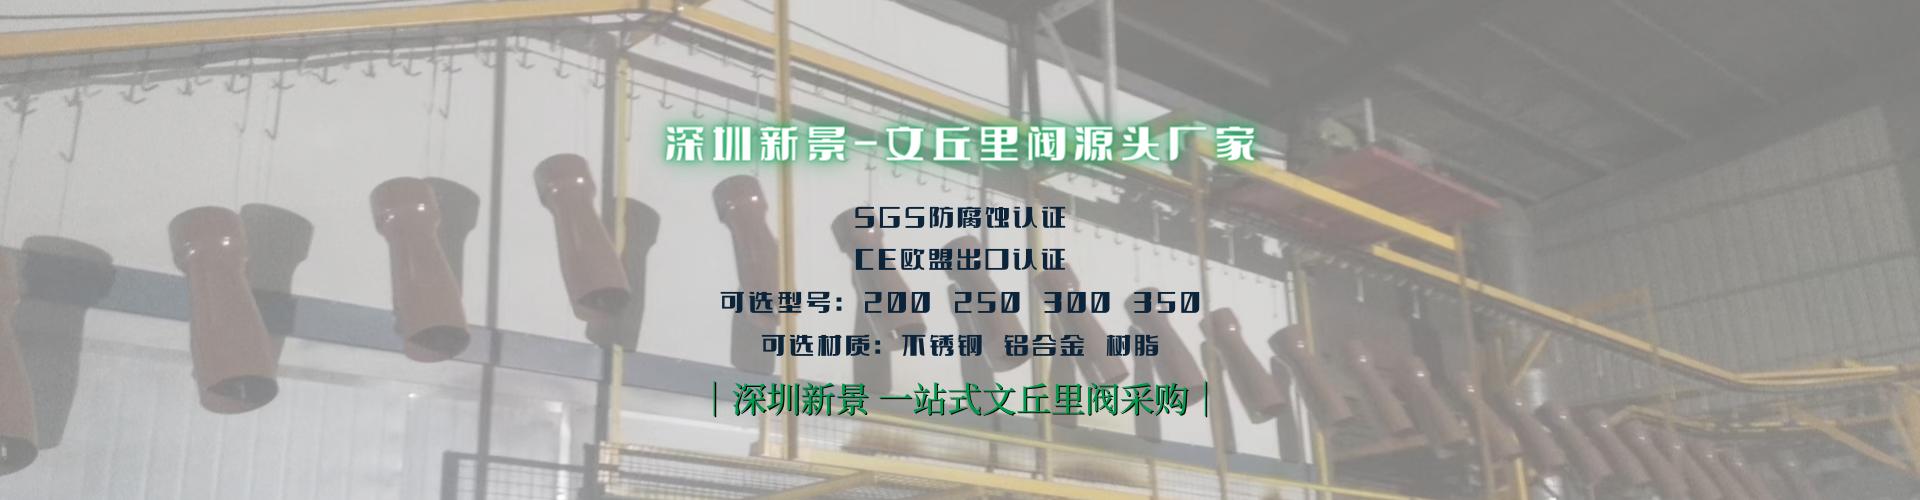 深圳新景实验室文丘里阀